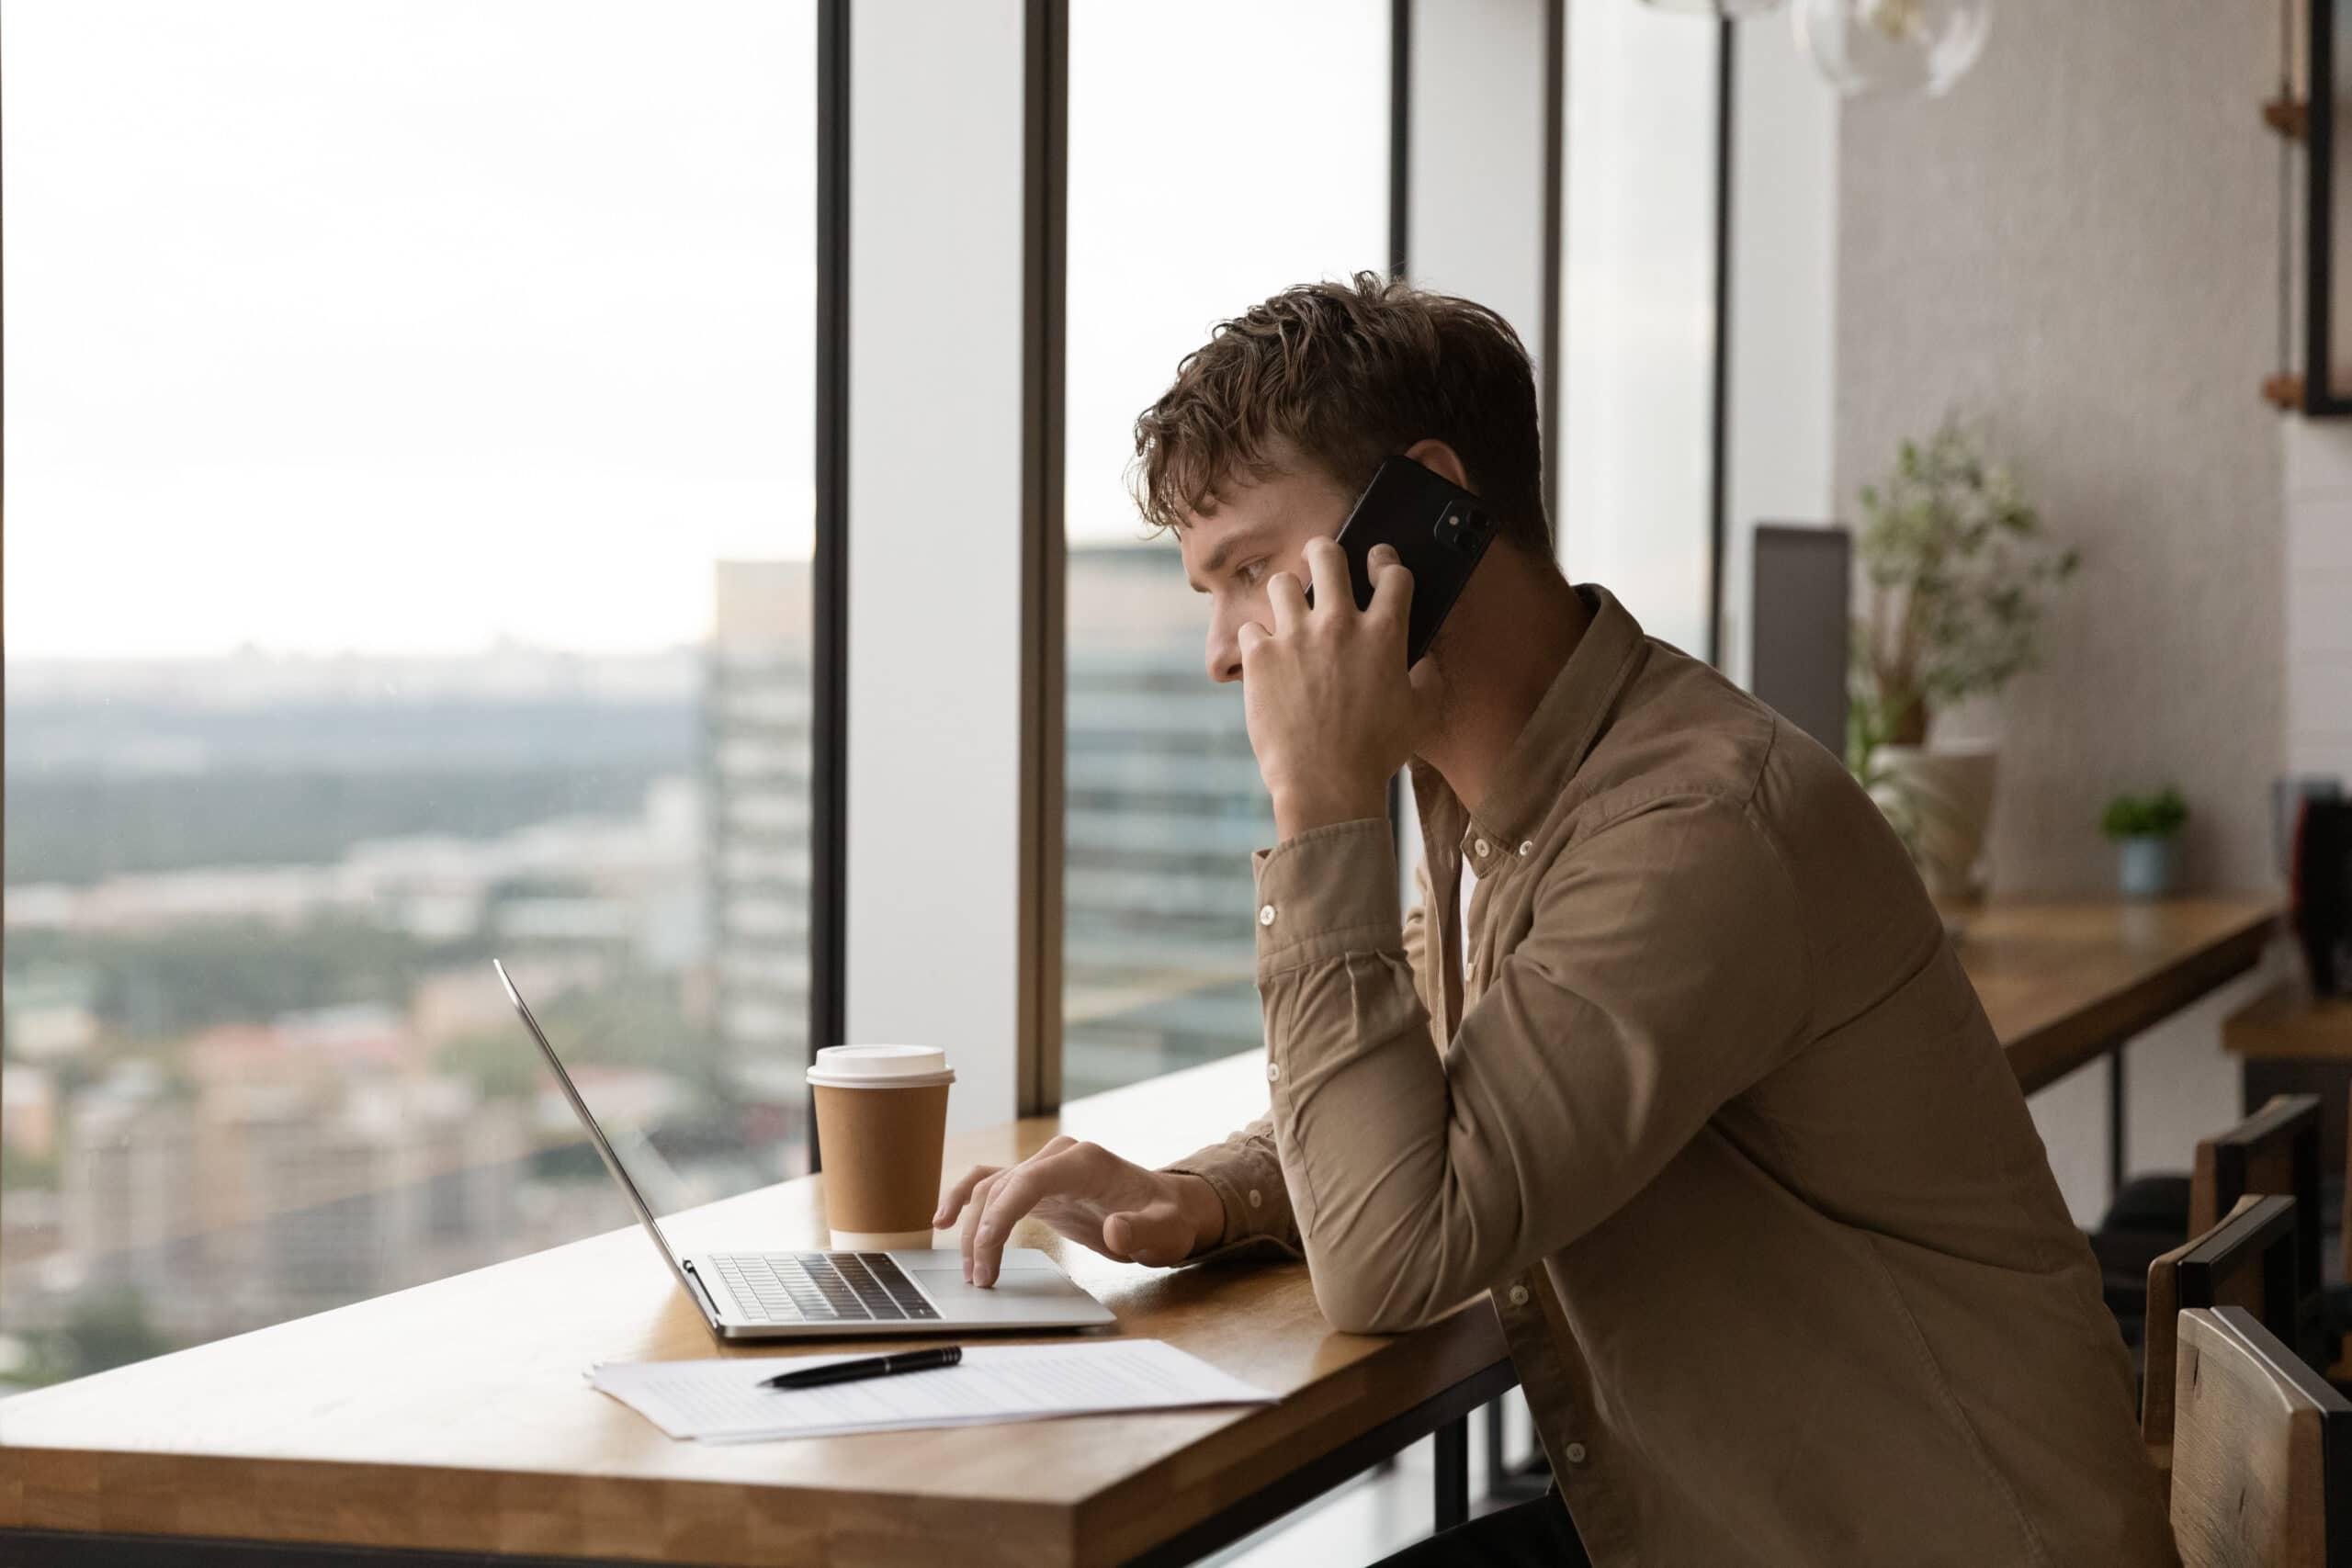 Uusi yrittäjä ja huijaussoitot. Yrittäjä puhuu puhelimessa.